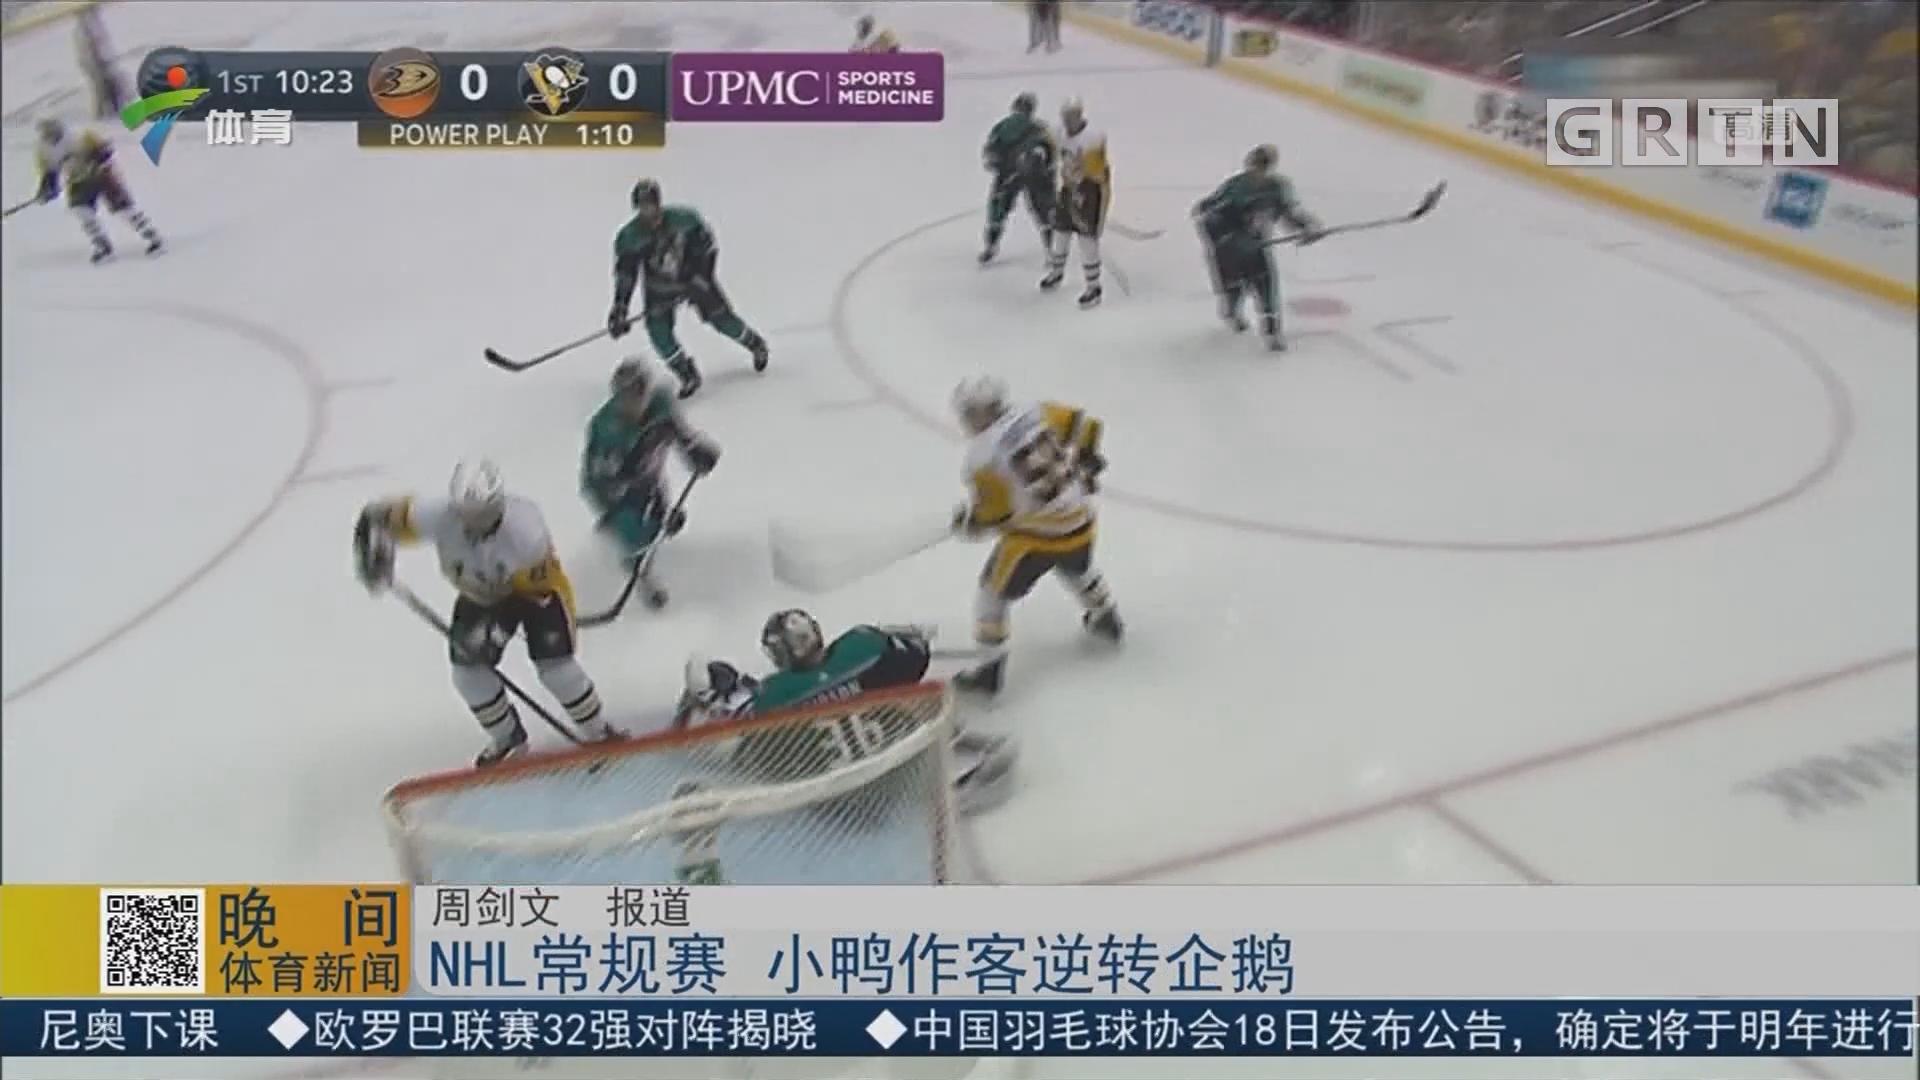 NHL常规赛 小鸭作客逆转企鹅